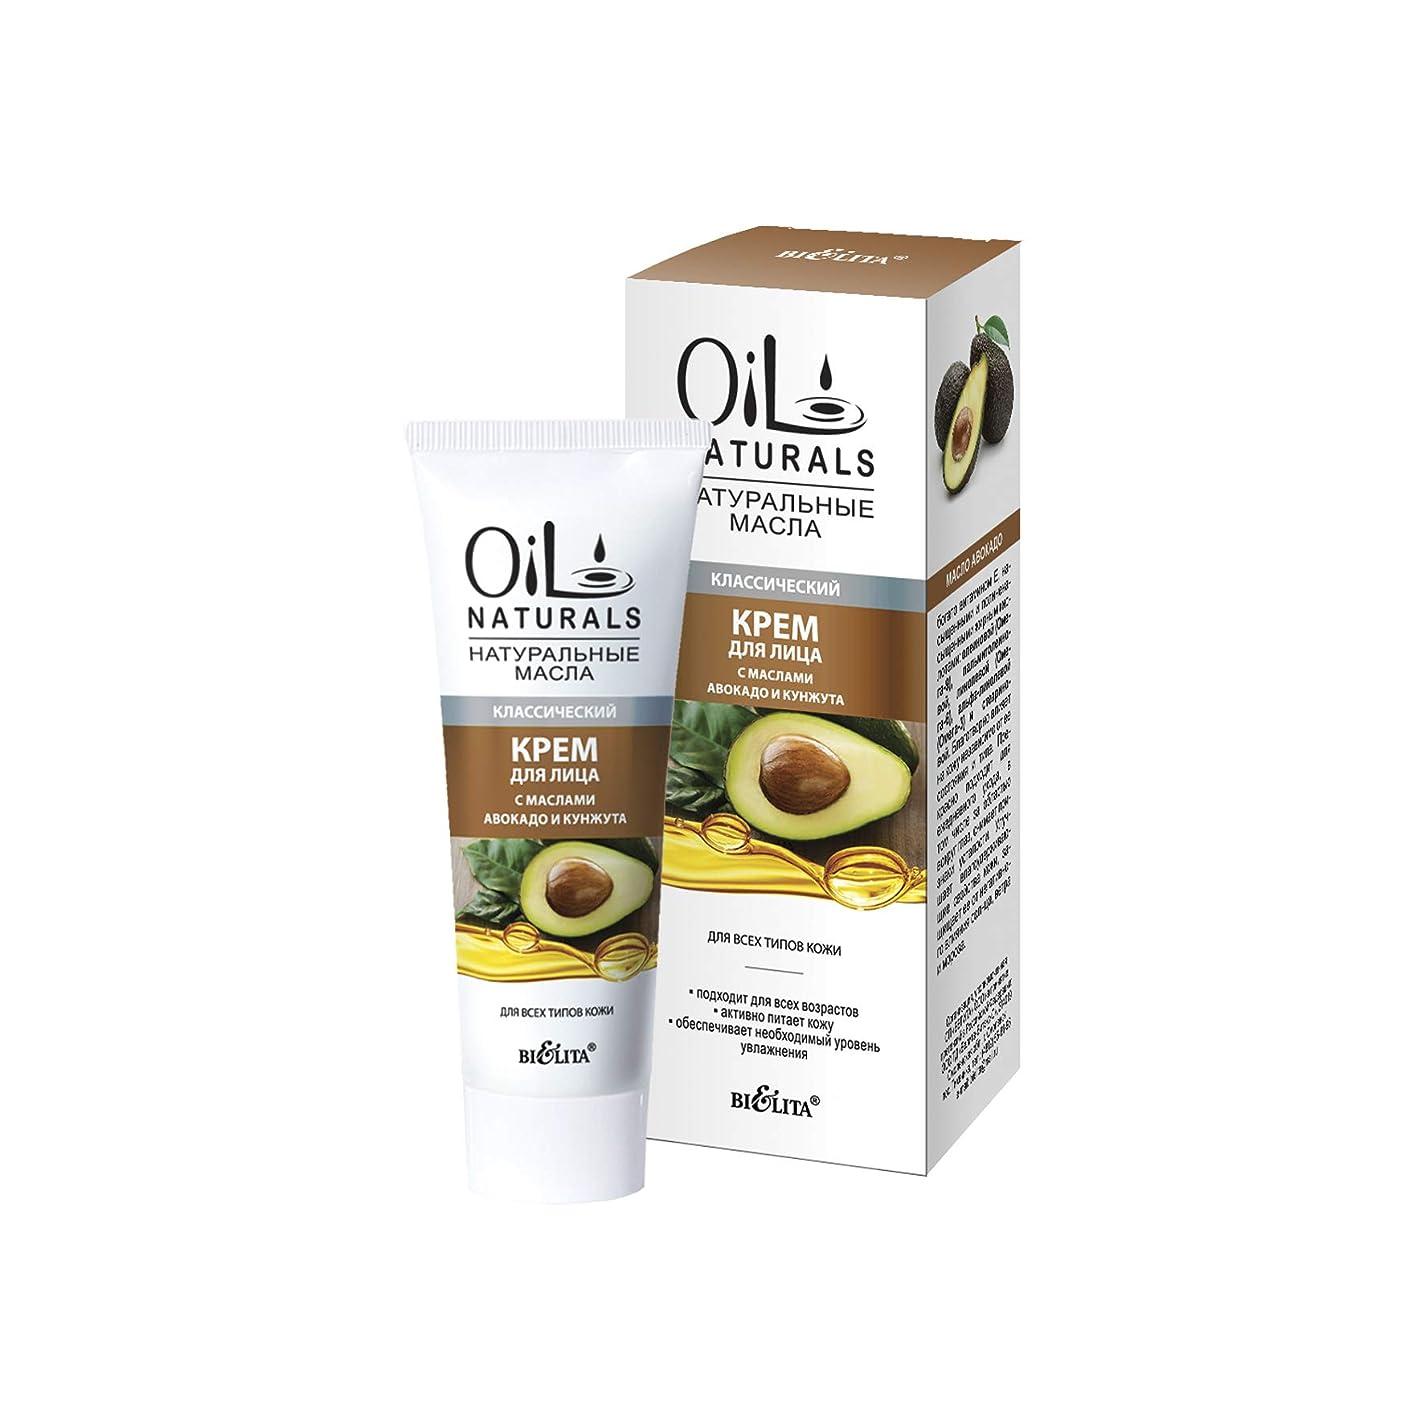 しかしエイズ驚Bielita & Vitex |Oil Naturals Line | Classic Moisturizing Face Cream, for All Skin Types, 50 ml | Avocado Oil, Silk Proteins, Sesame Oil, Vitamins